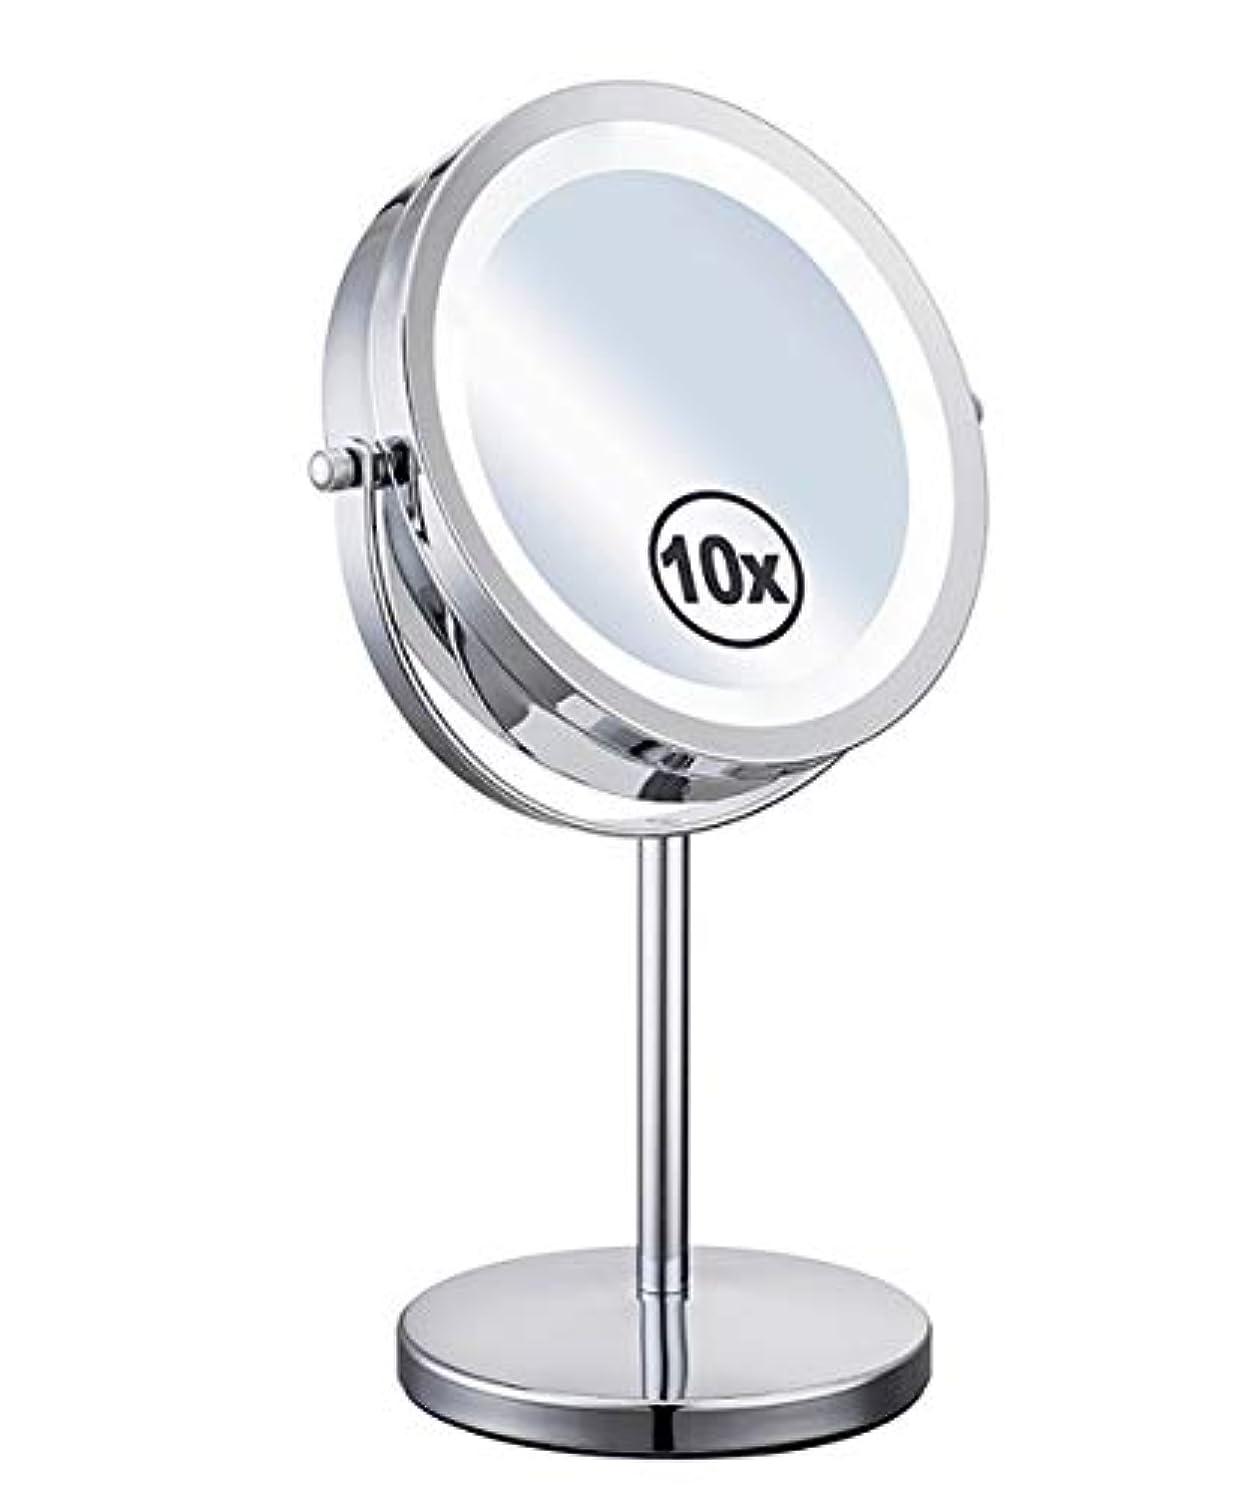 平和的鑑定スリンクLED照明付き化粧鏡補助ランプデスクトップ両面360°スイベル1倍/ 10倍拡大鏡個人用とミラー